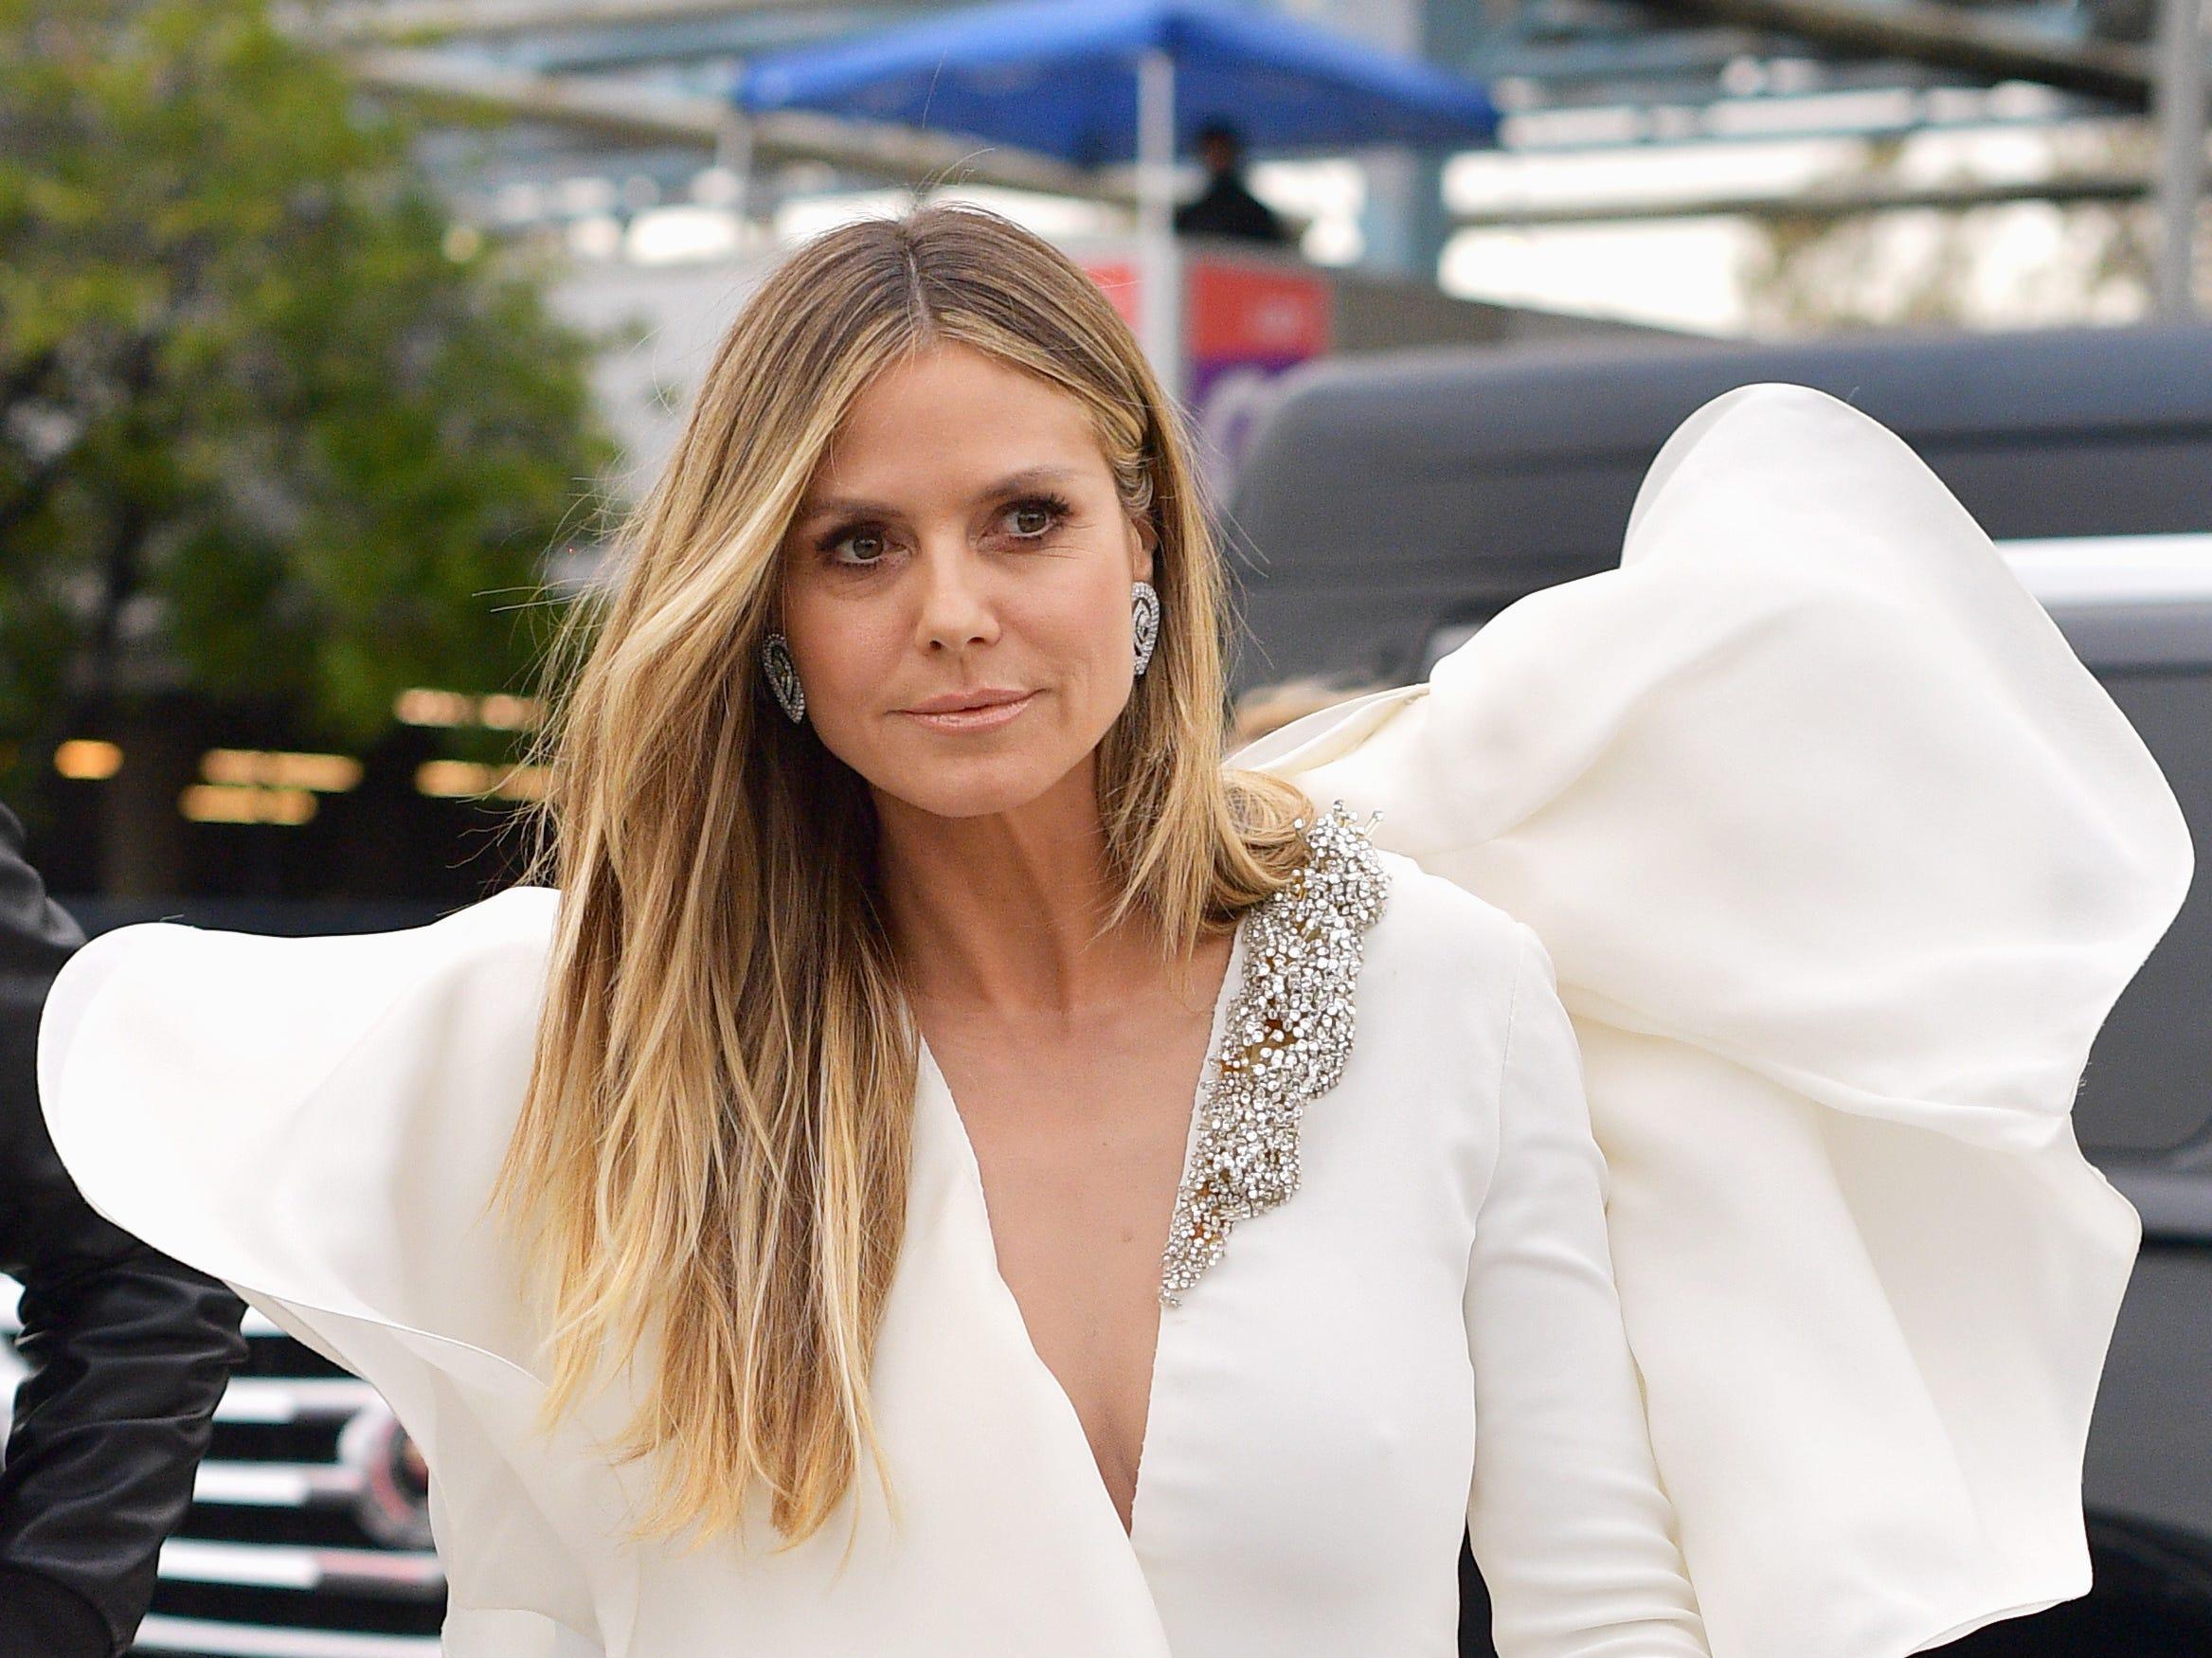 Heidi Klum asiste a la 61ª edición de los premios GRAMMY en el Staples Center el 10 de febrero de 2019 en Los Ángeles, California.